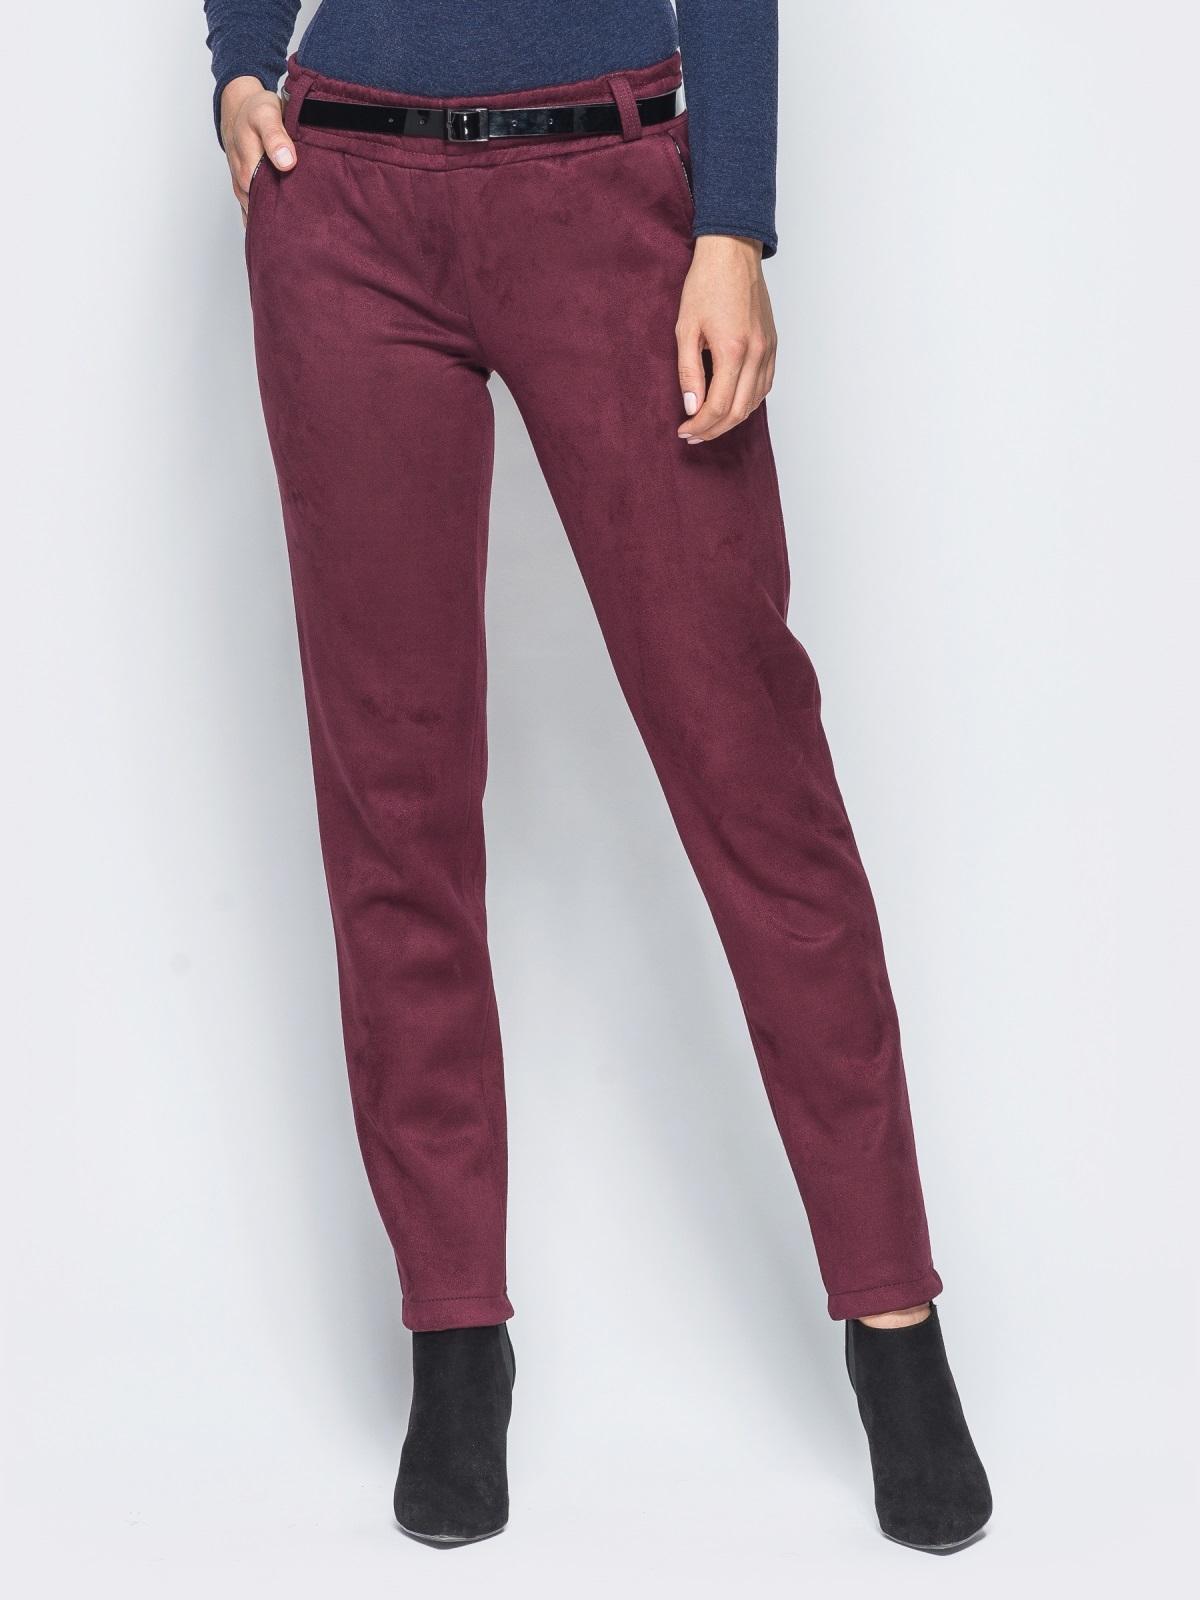 Бордовые замшевые брюки с кожаной отделкой на карманах - 15720, фото 1 – интернет-магазин Dressa